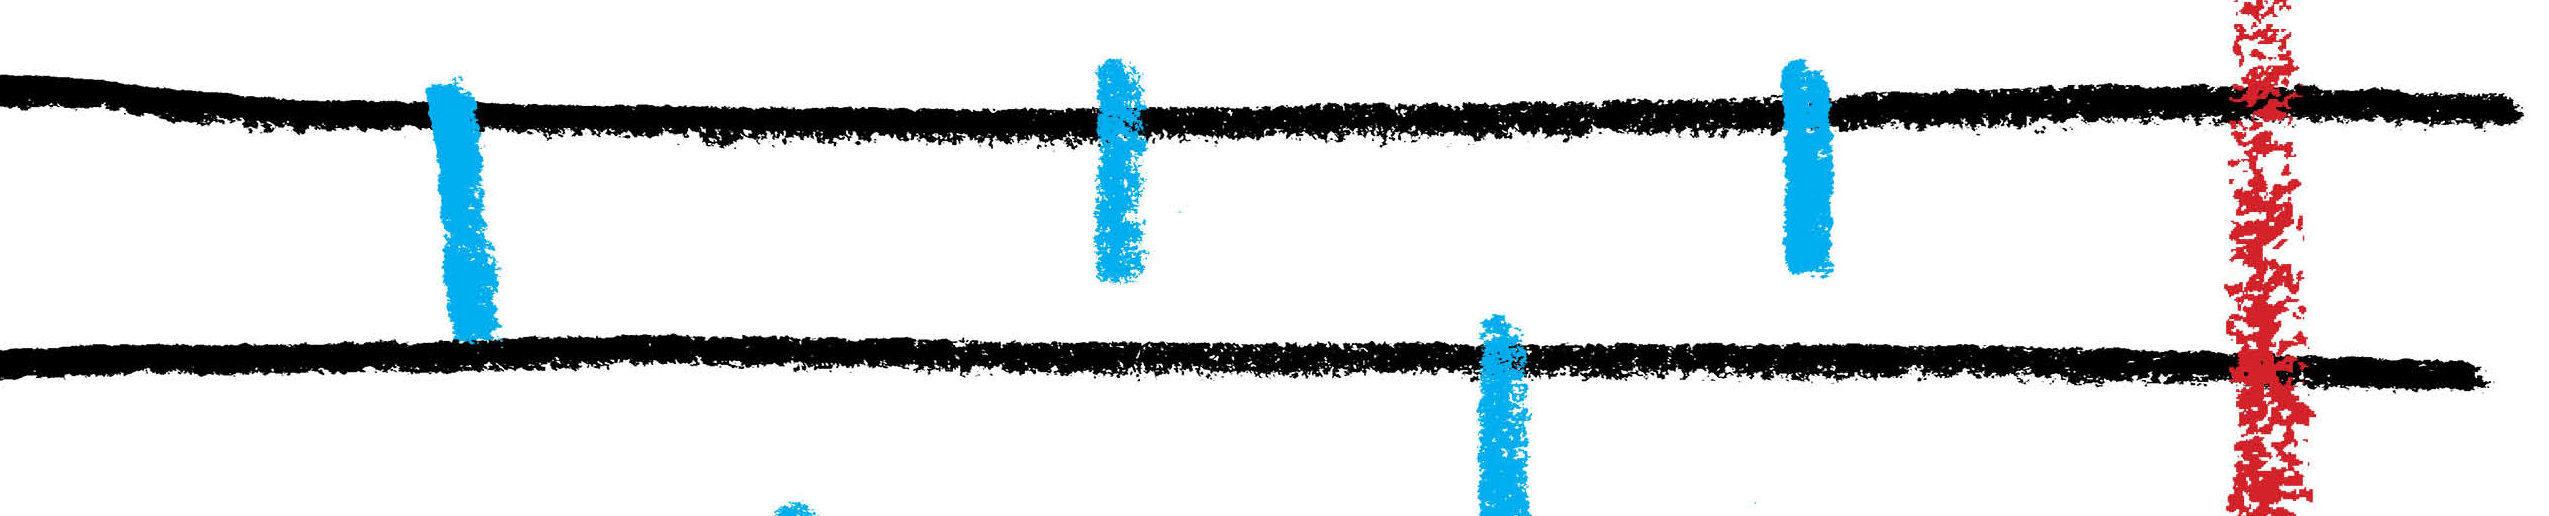 Klinci imaju novi online magazin, Brickzine